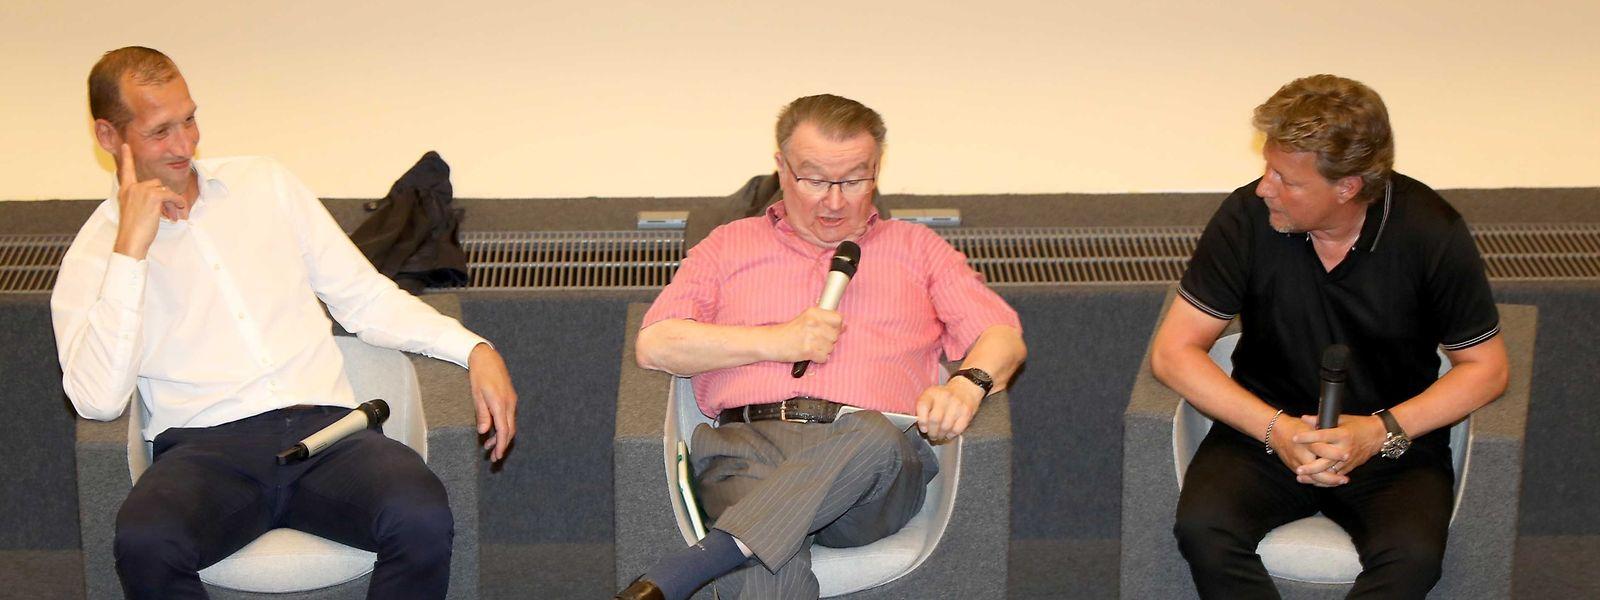 Jeff Strasser (l.), der pensionierte Sportjournalist Pilo Fonck und Jeff Saibene (r.).